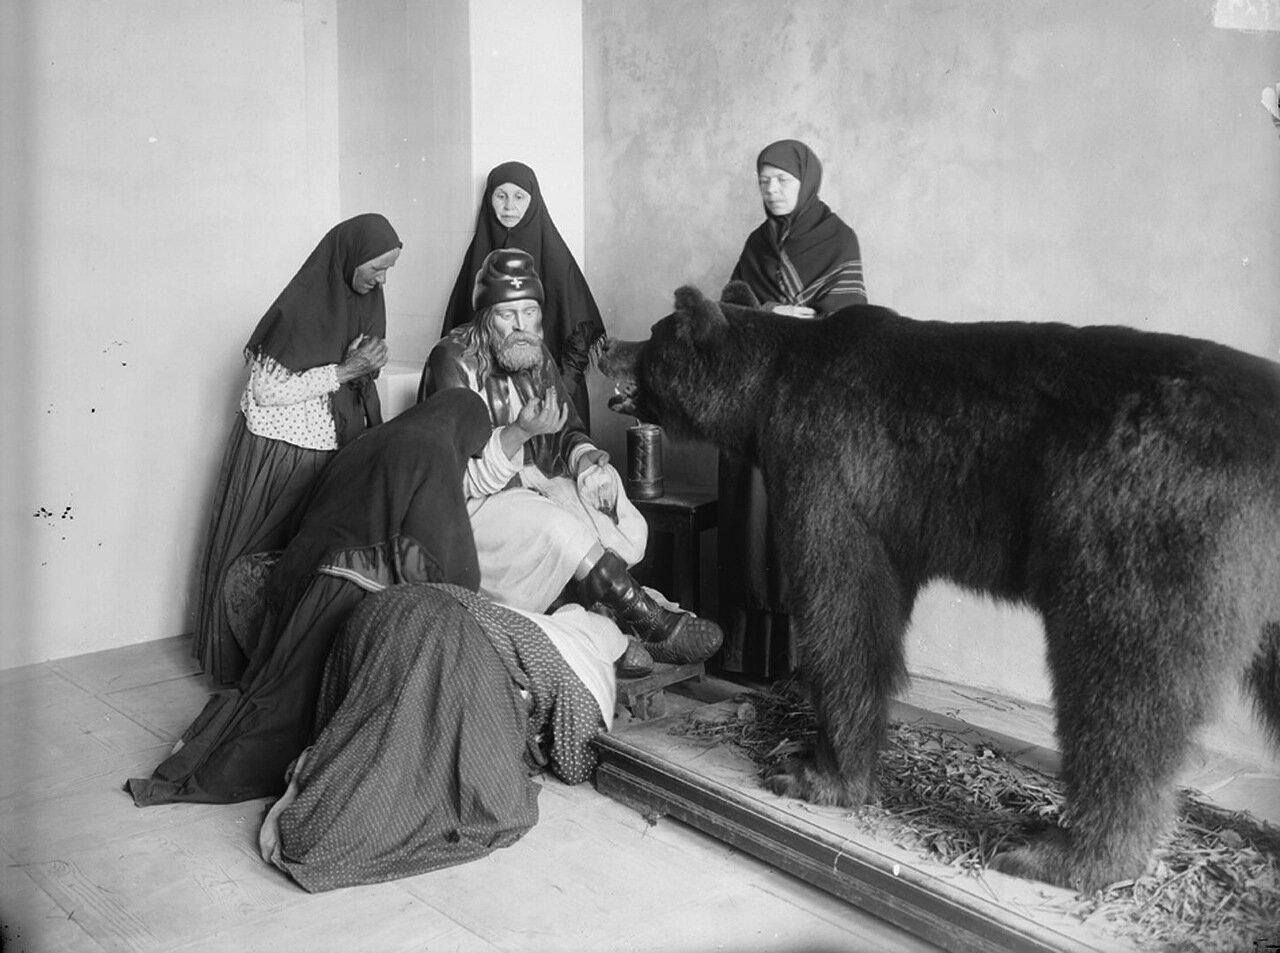 Понетаевский женский монастырь. Гипсовая фигура Серафима, кормящего медведя. н XX в.